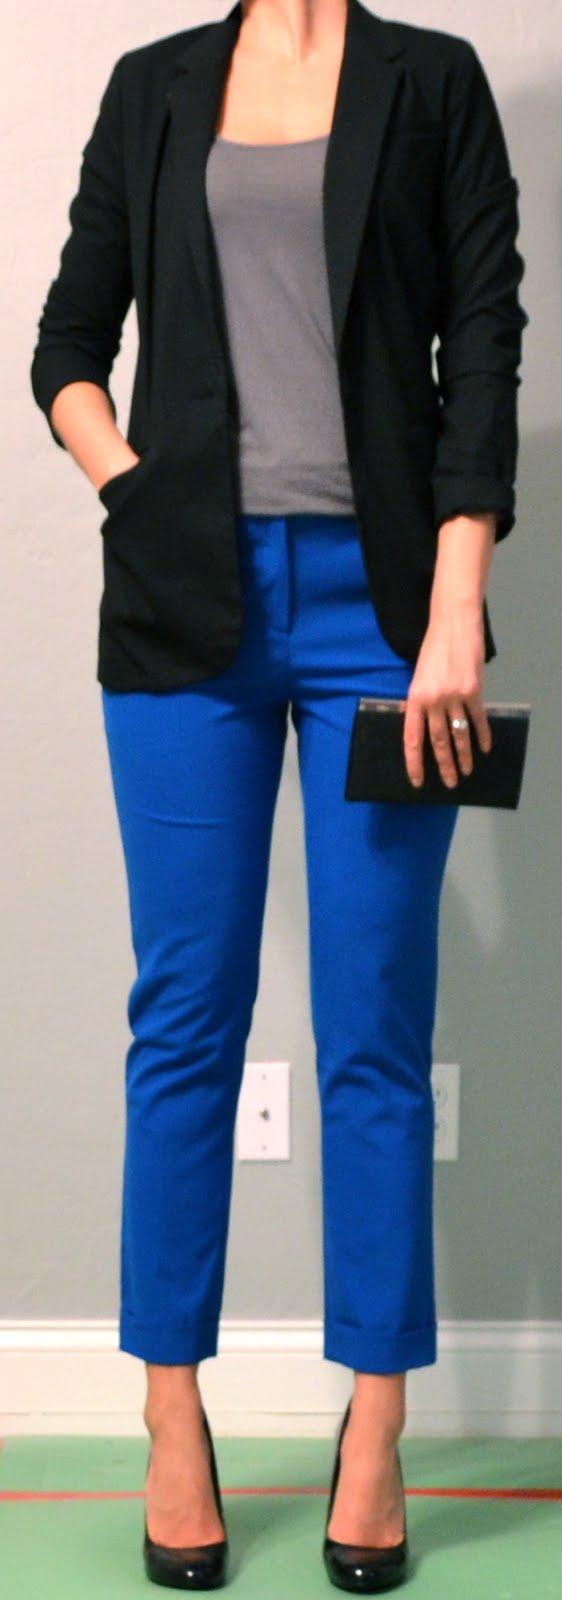 outfit post blue pants grey tank black blazer